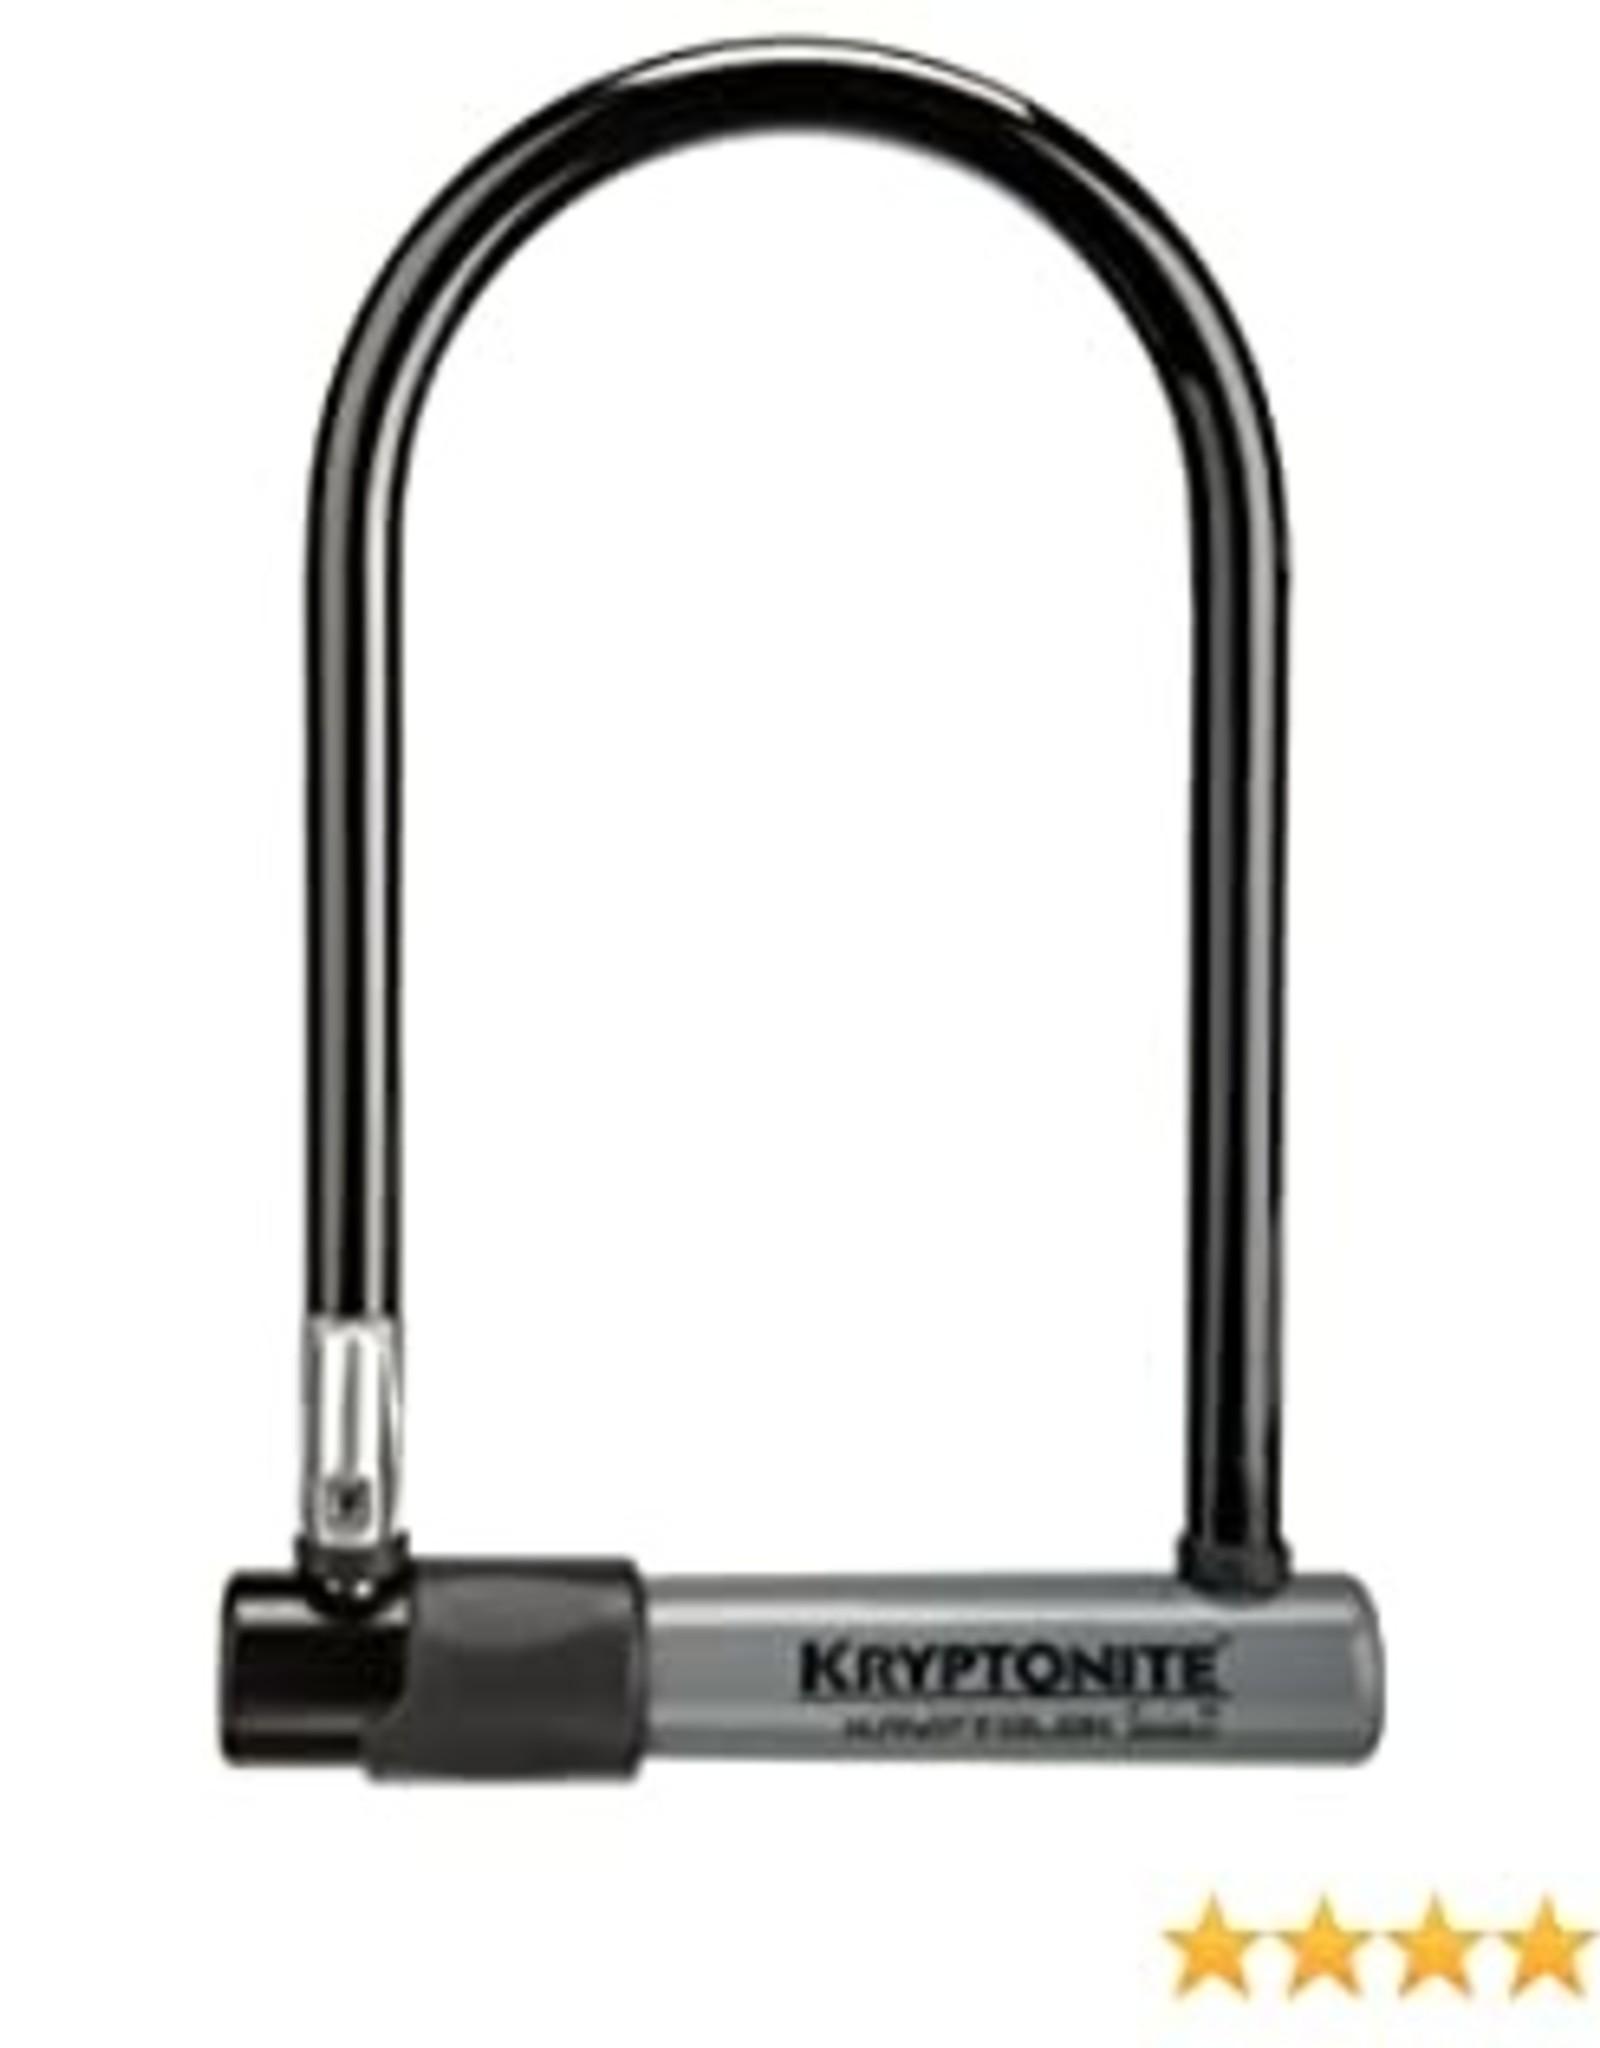 Kryptonite Kryptonite Kryptolok ATB U-Lock